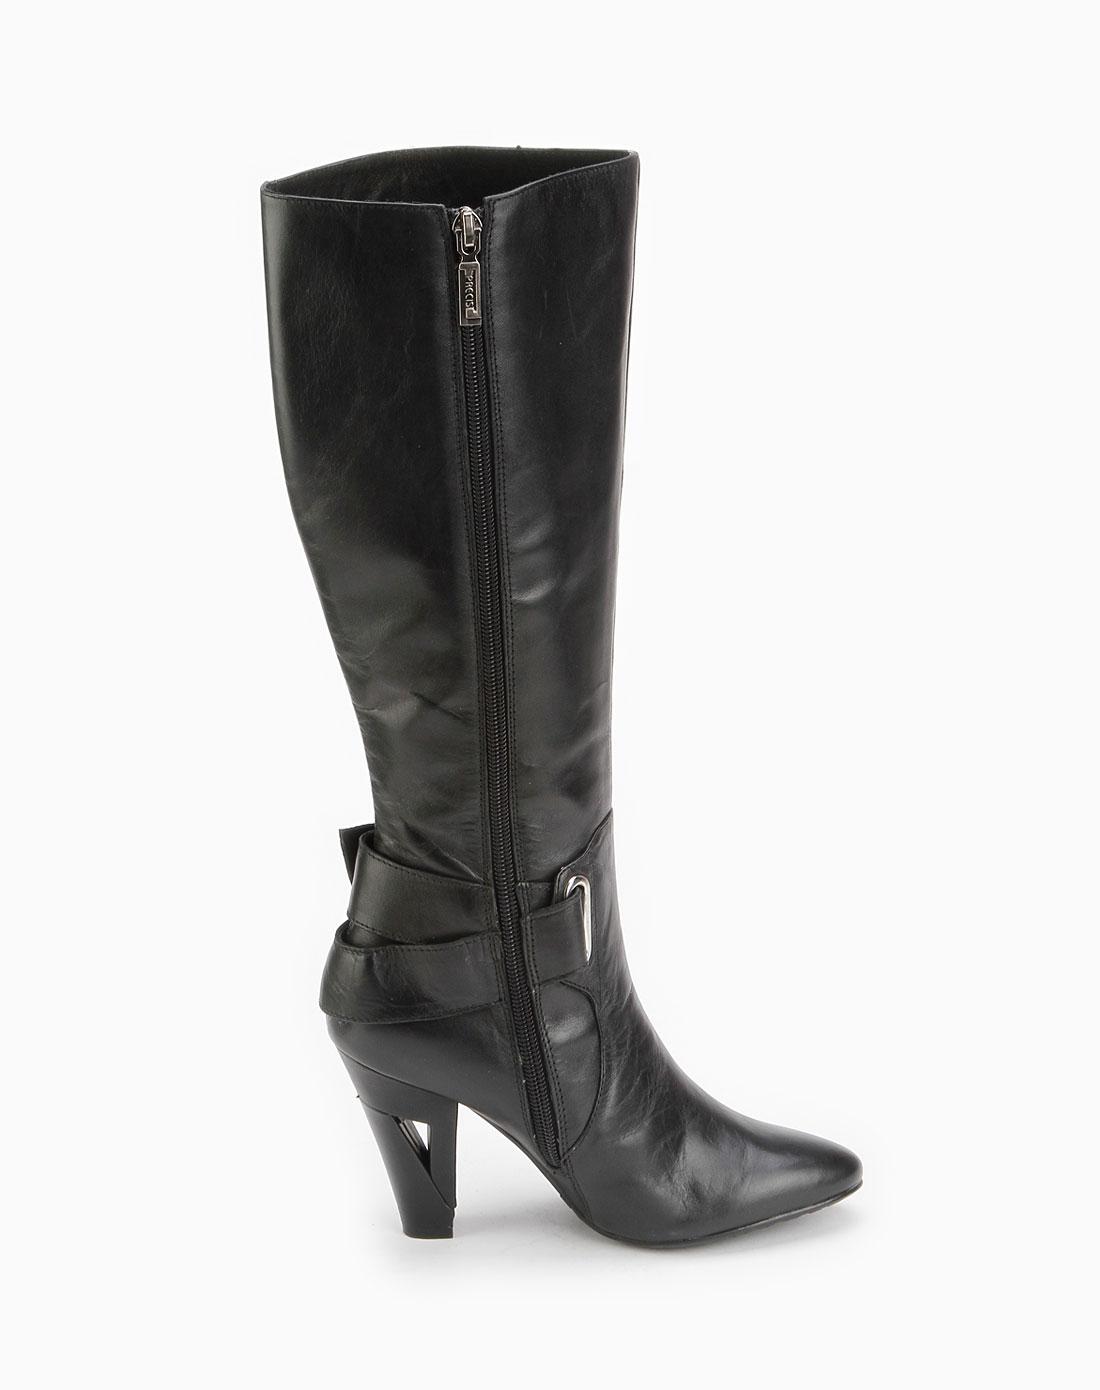 安玛莉precis黑色侧扣拉链中筒靴2m8301bkl